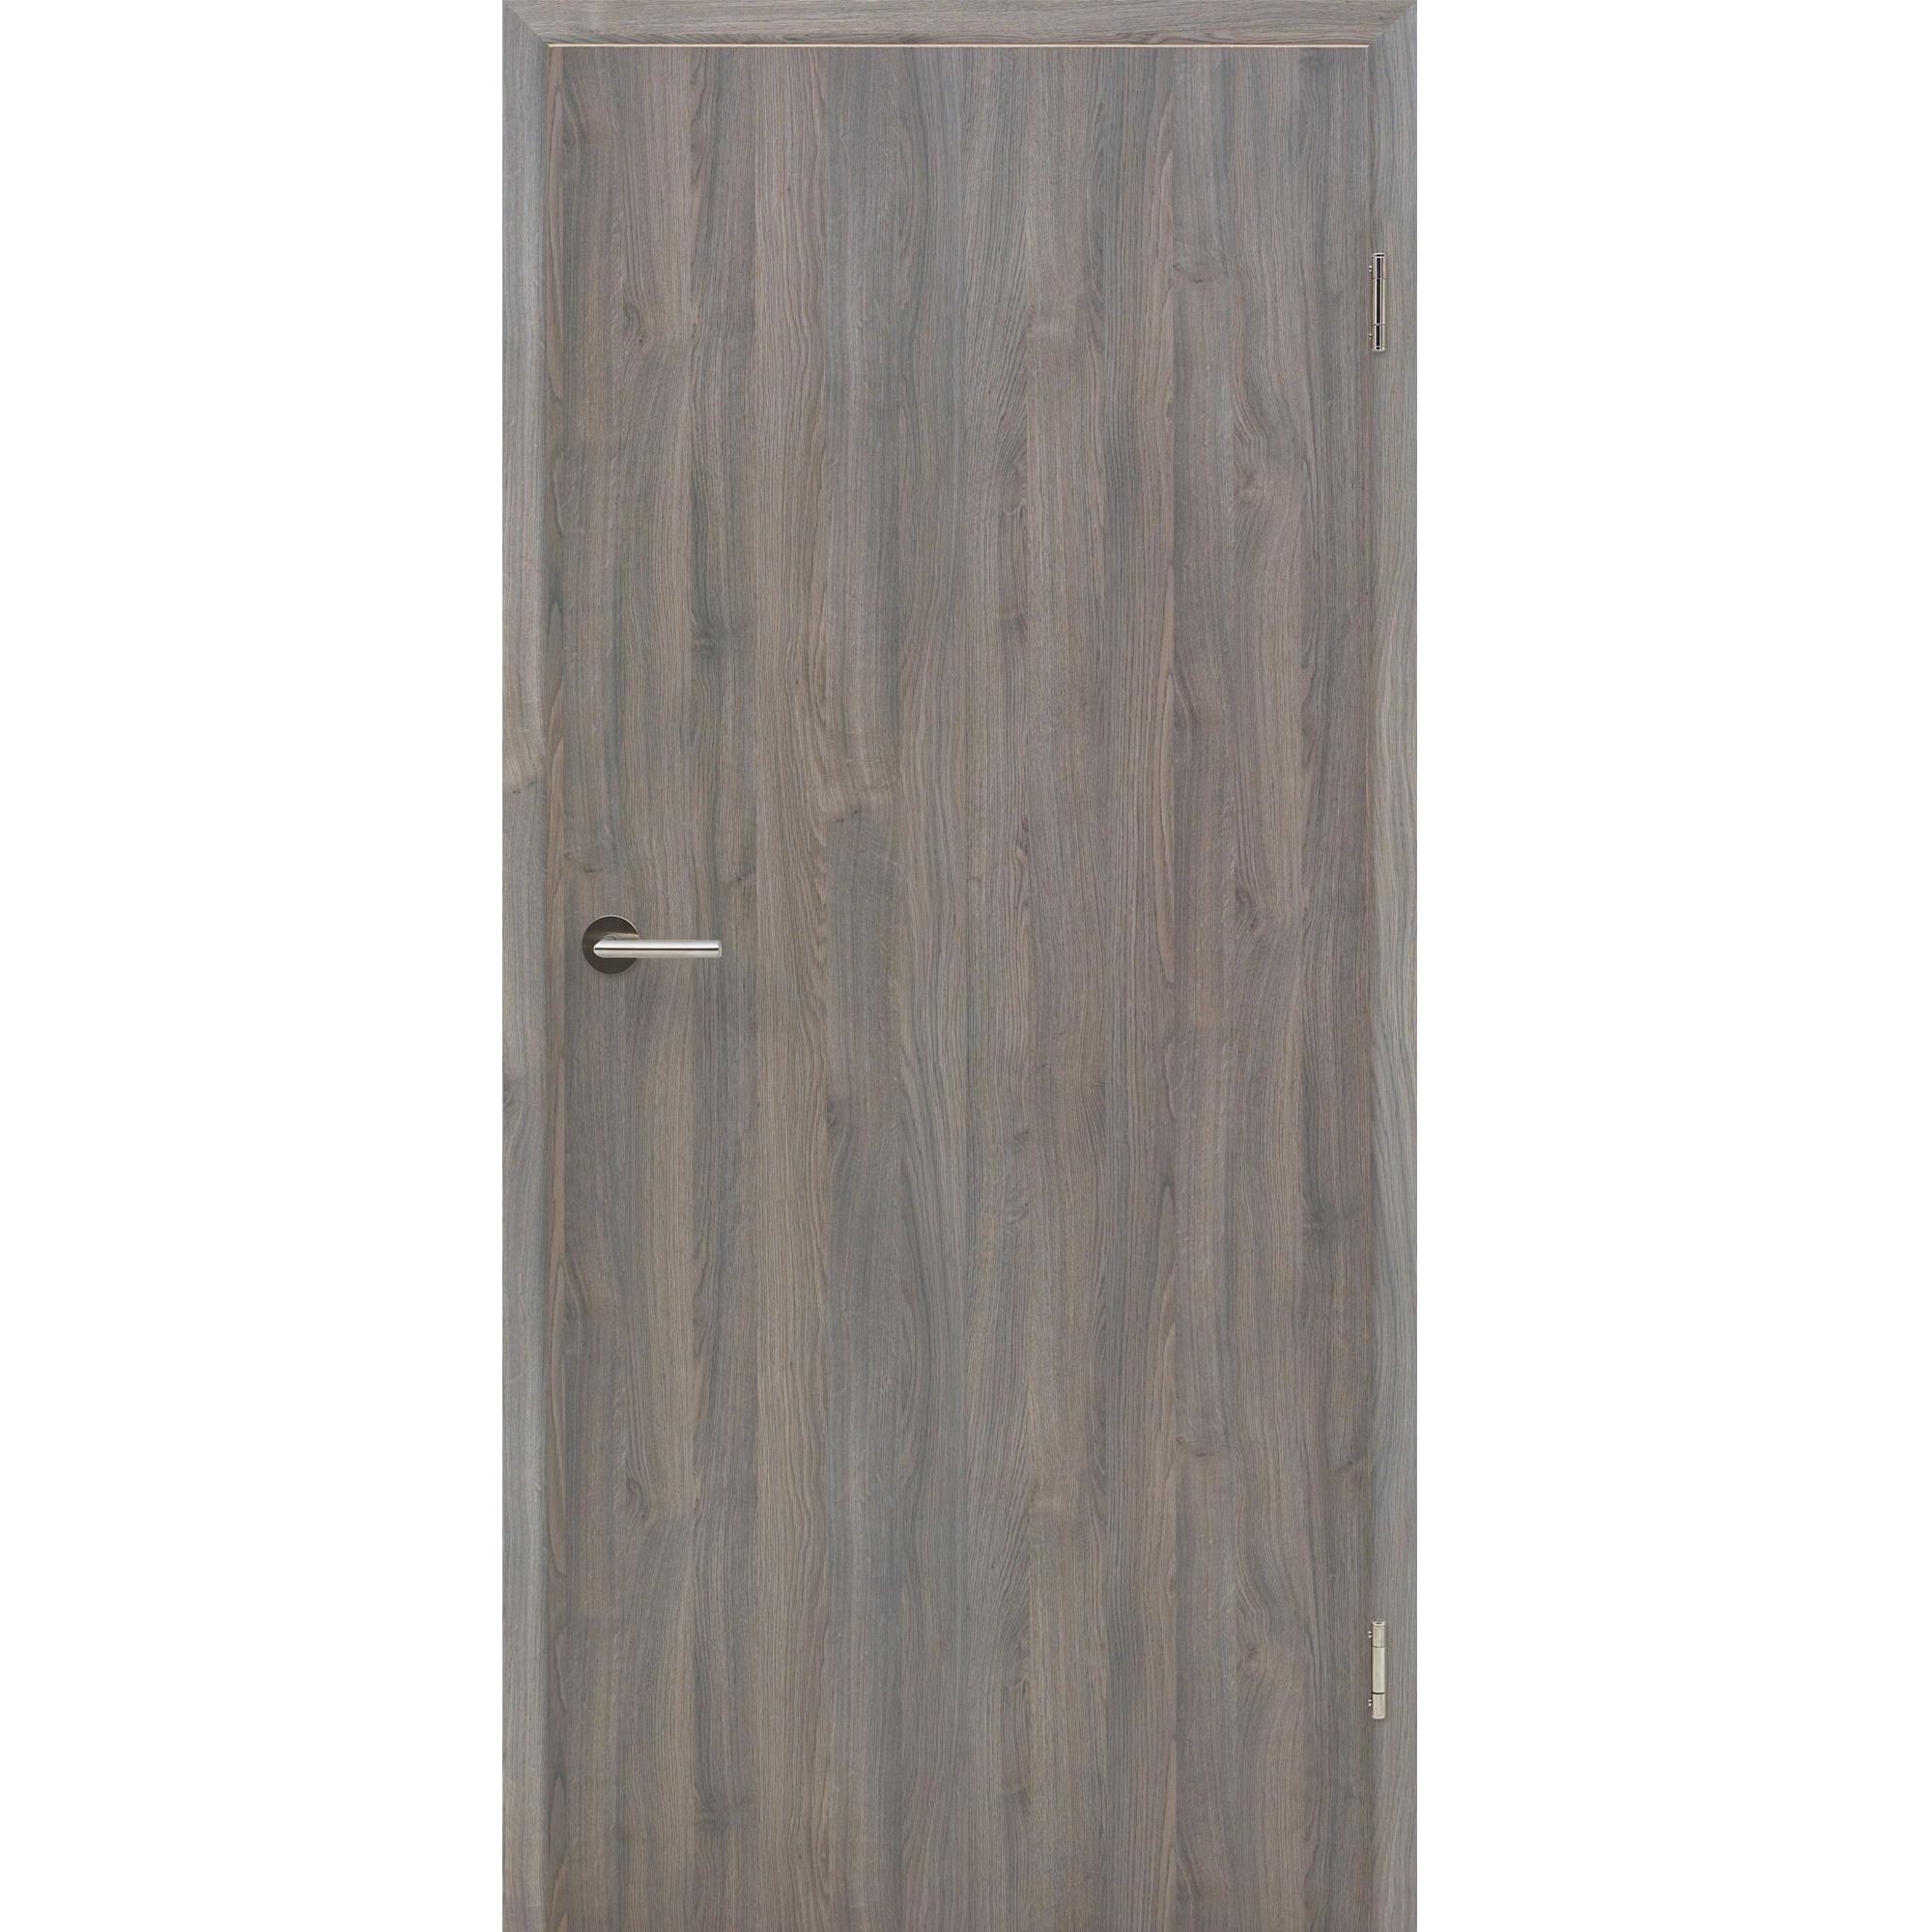 wohnungst r mit zarge cpl steineiche vollspan kkl ii 27db rundkante kp holz shop haust ren. Black Bedroom Furniture Sets. Home Design Ideas